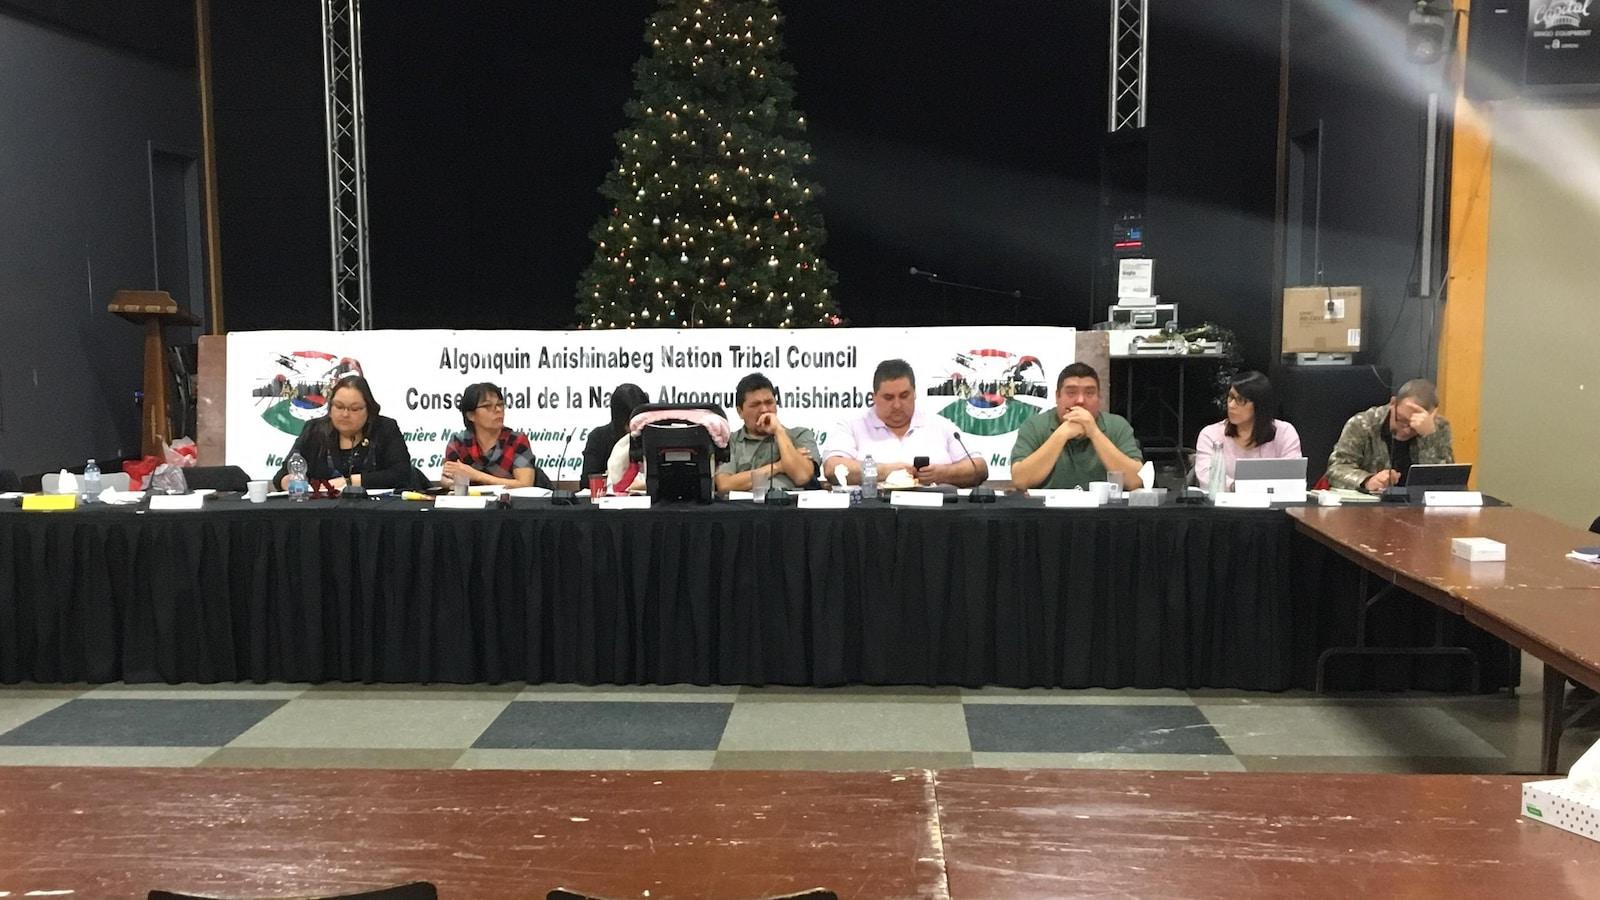 Des chefs algonquins sont assis derrière une longue table dans une salle communautaire.